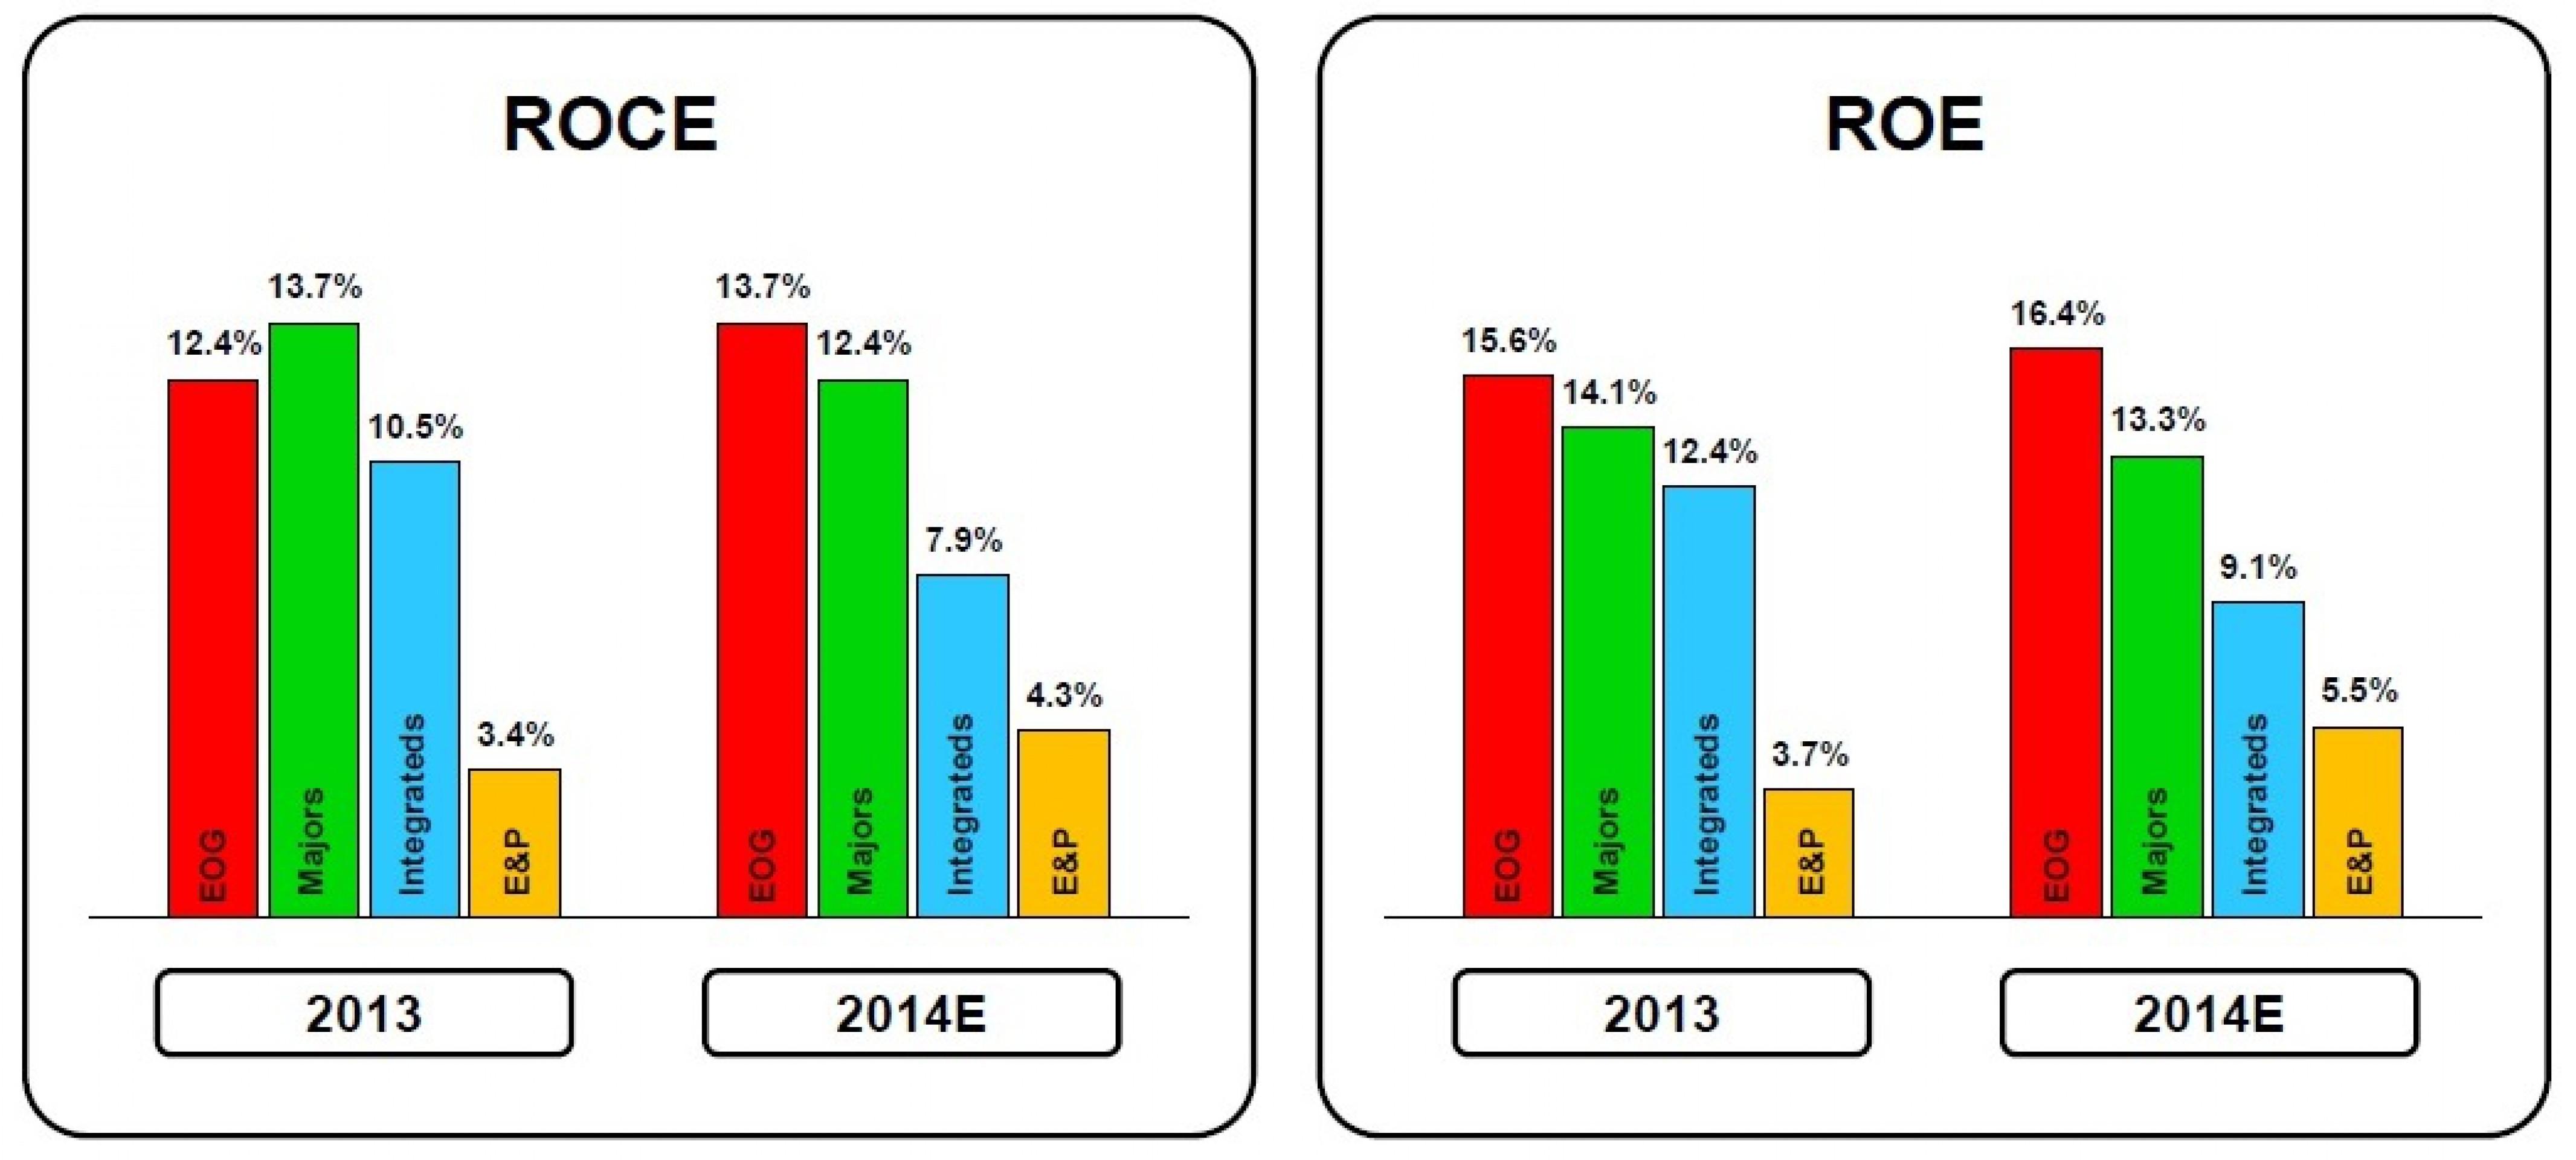 Графика: EOG Resources, данные: отчетности компаний, оценки Goldman Sachs, февраль 2015 г.